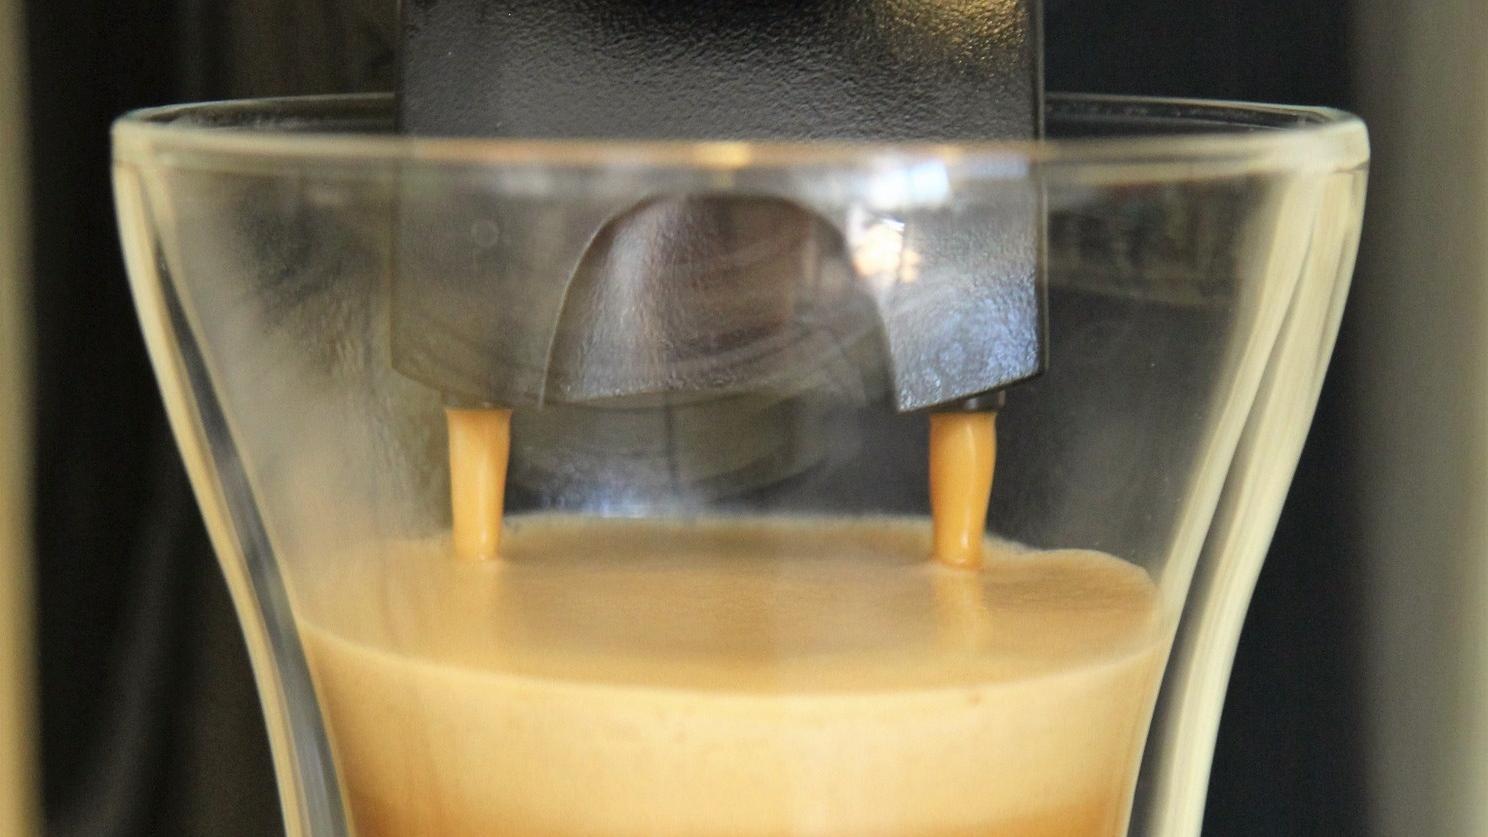 Mit den beschriebenen Tastenkombinationen entkalken Sie die Senseo Kaffeemaschine. Danach genießen Sie Ihren Kaffee wie gewohnt.